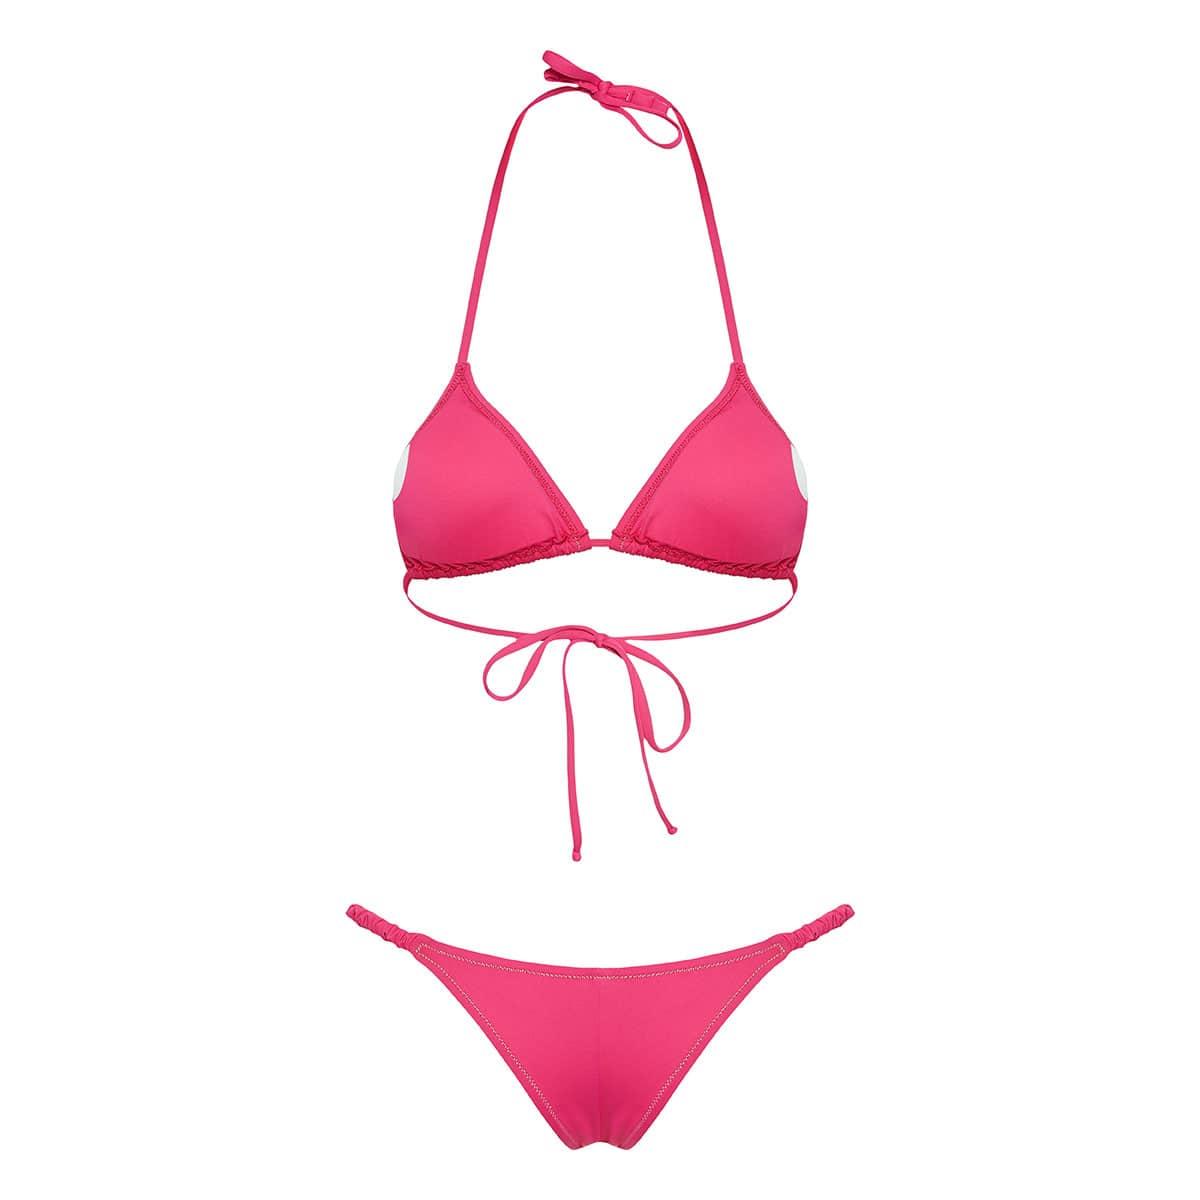 The Scrunchie bikini